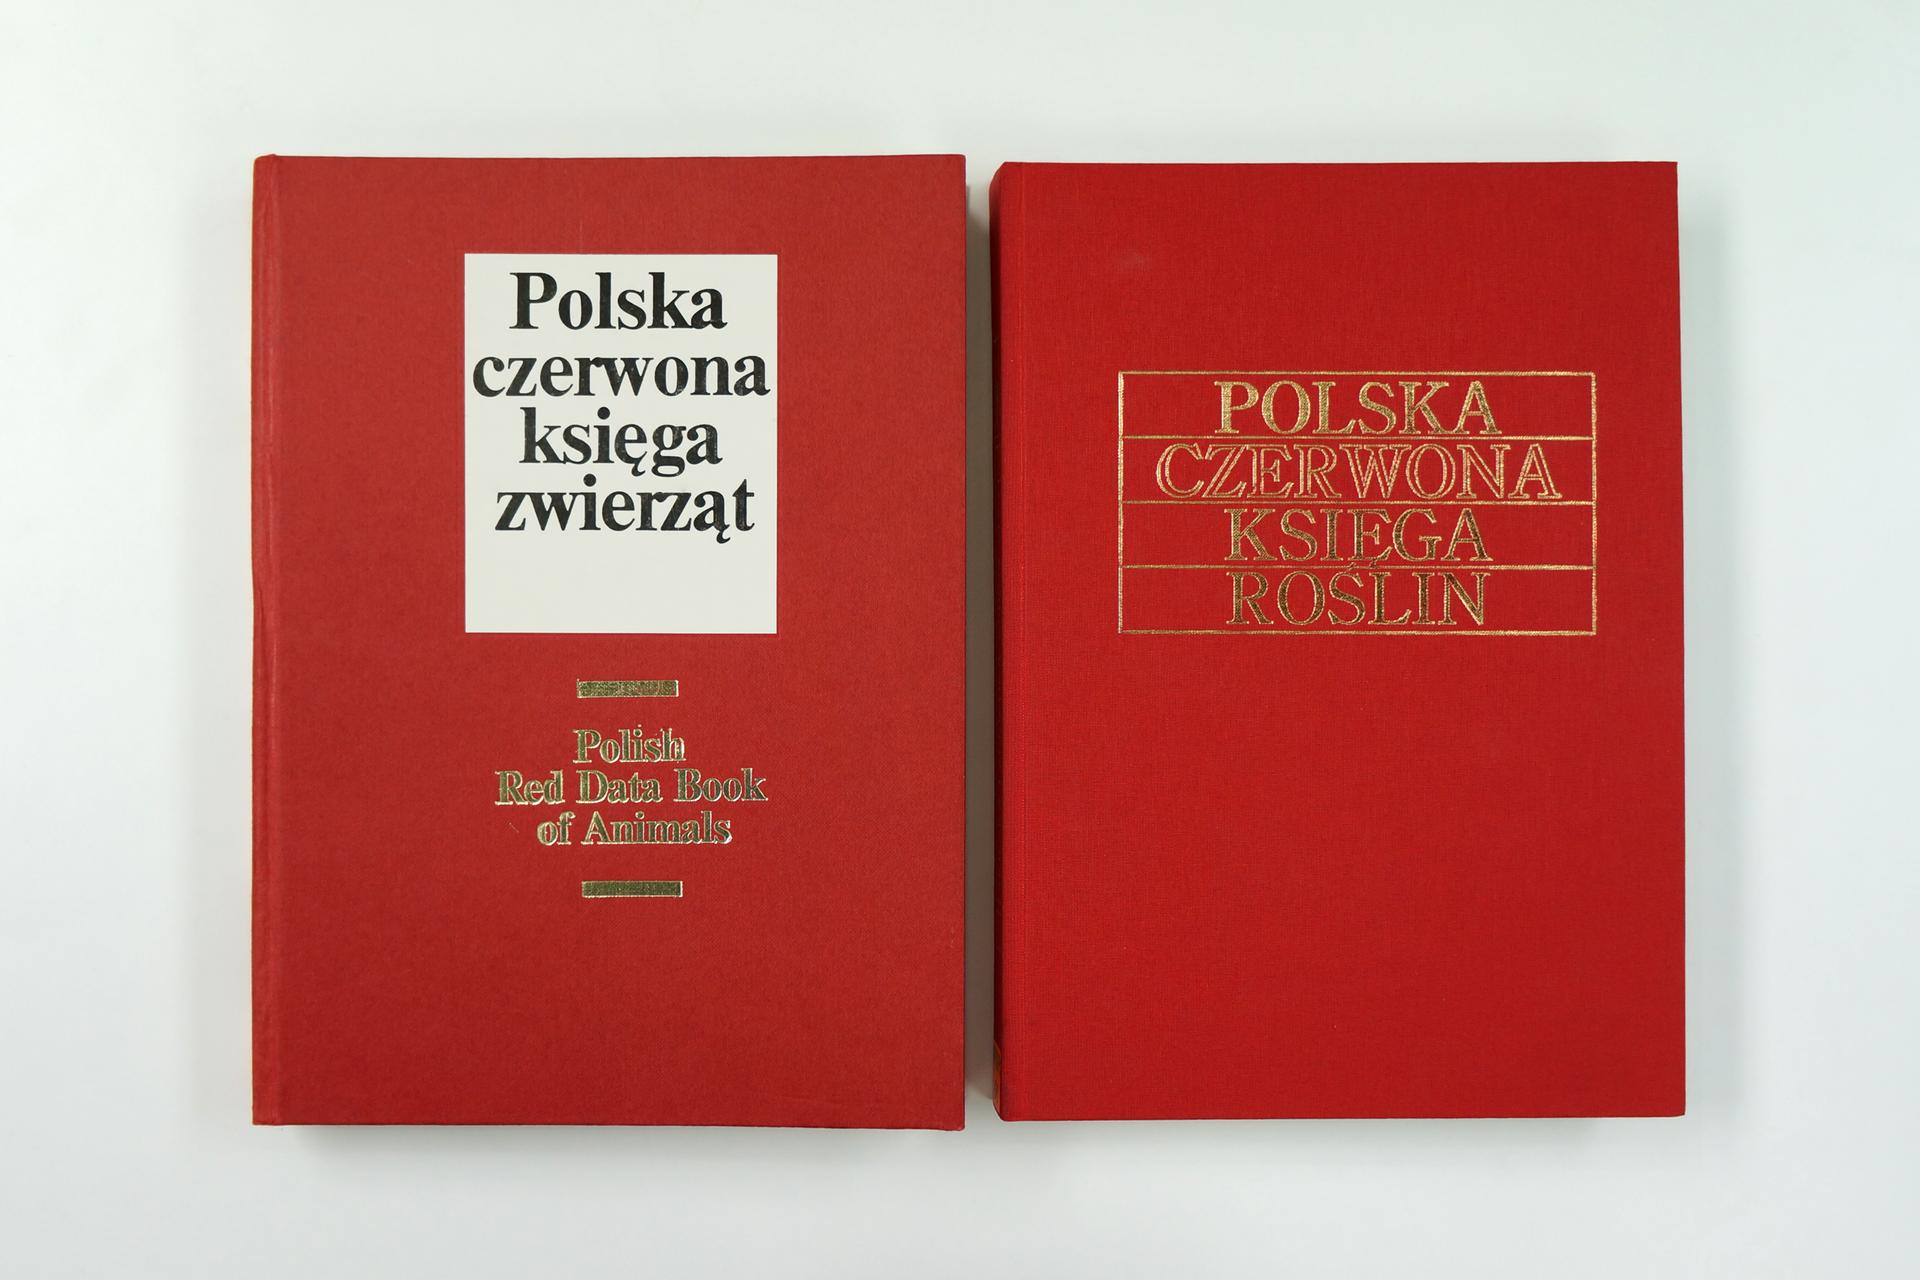 """Fotografia prezentuje """"Polską czerwoną księgę zwierząt"""" oraz """"Polską czerwona księgę roslin""""."""